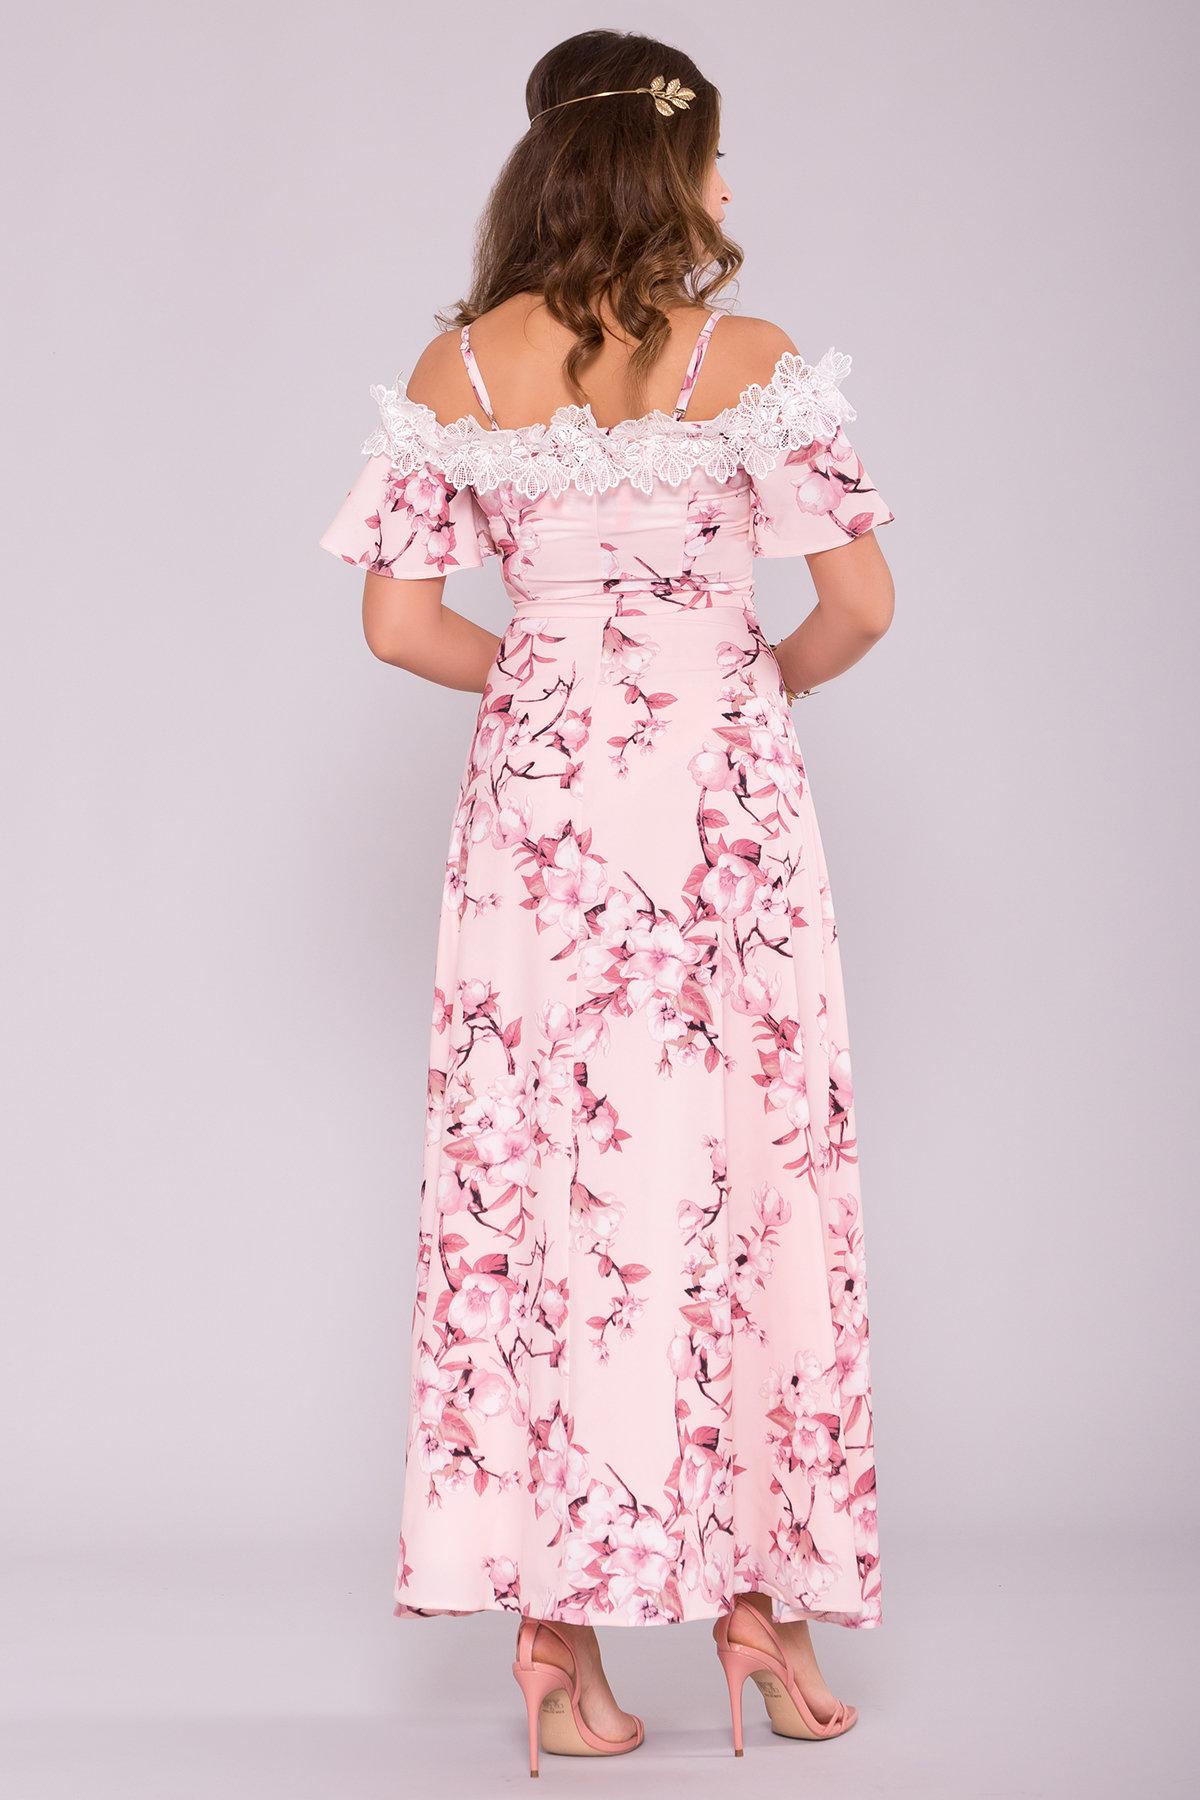 Платье Монриа 7056 АРТ. 42351 Цвет: Цветы на ветке пудра темная - фото 2, интернет магазин tm-modus.ru